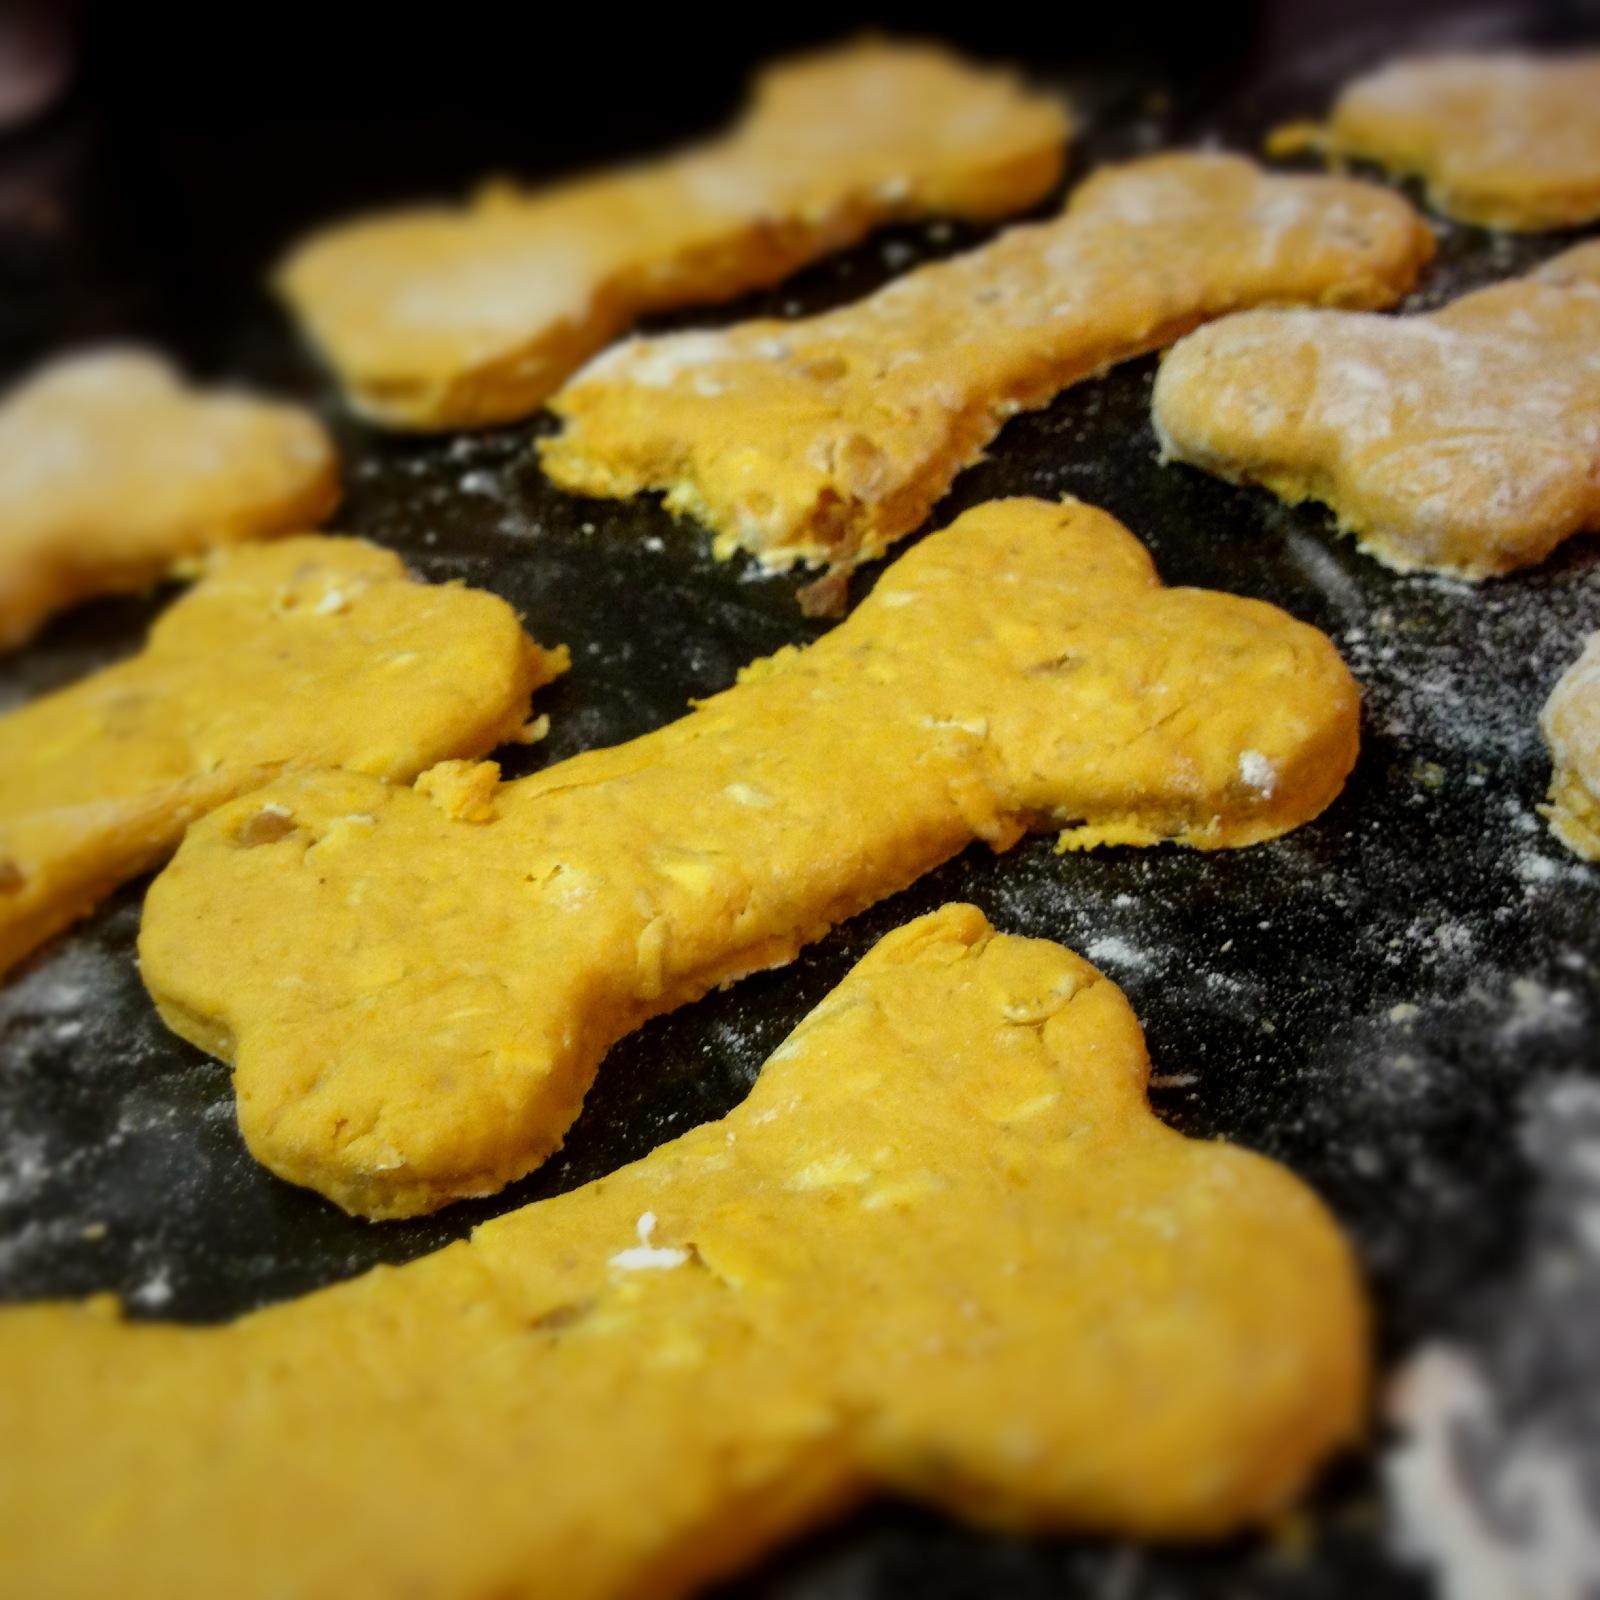 Vegan Pumpkin, Peanut Butter & Rolled Oats Dog Treats